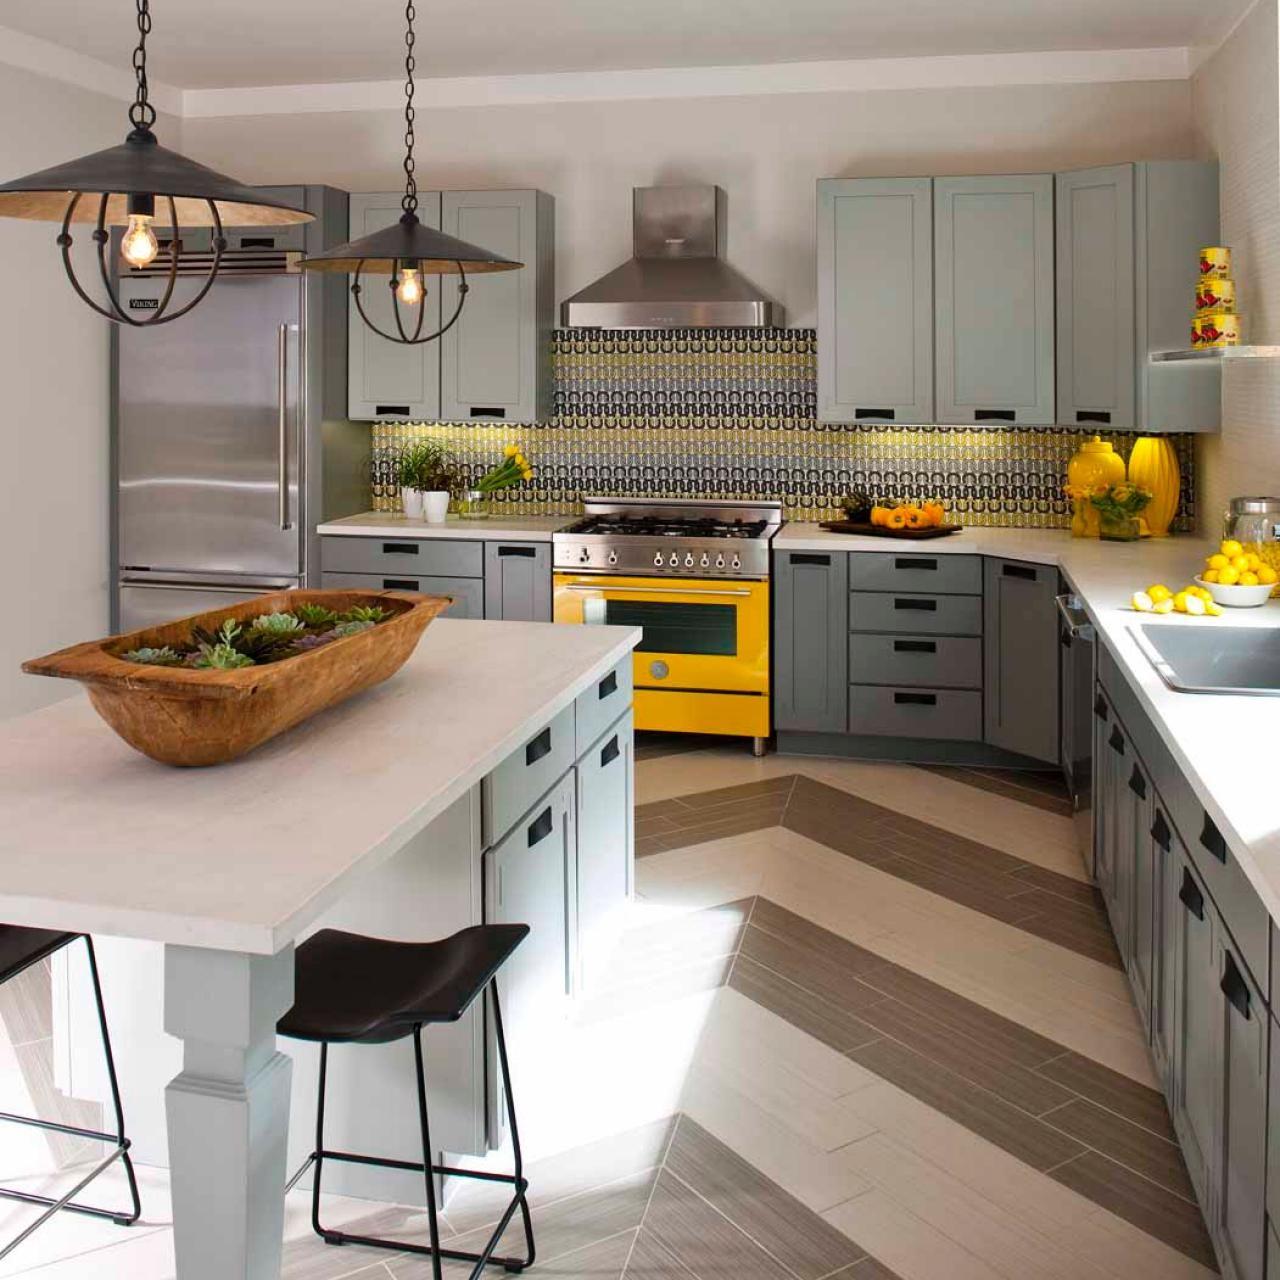 Best Modern Rustic Kitchen With Chevron Striped Floor 400 x 300